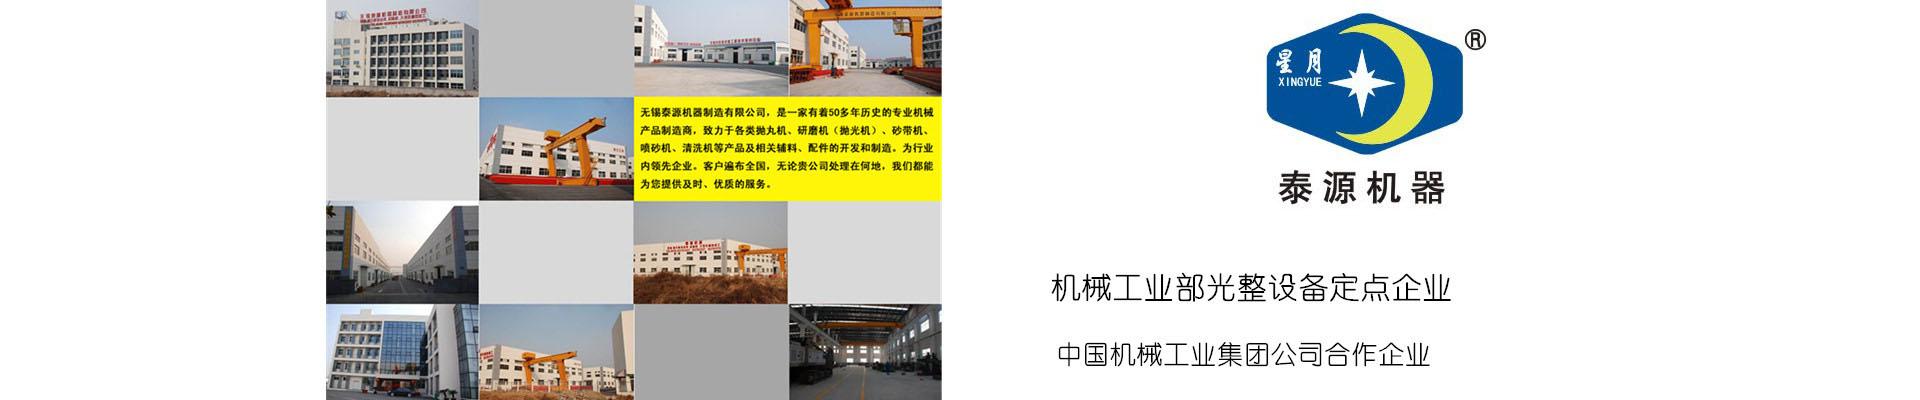 无锡泰源机器制造有限公司